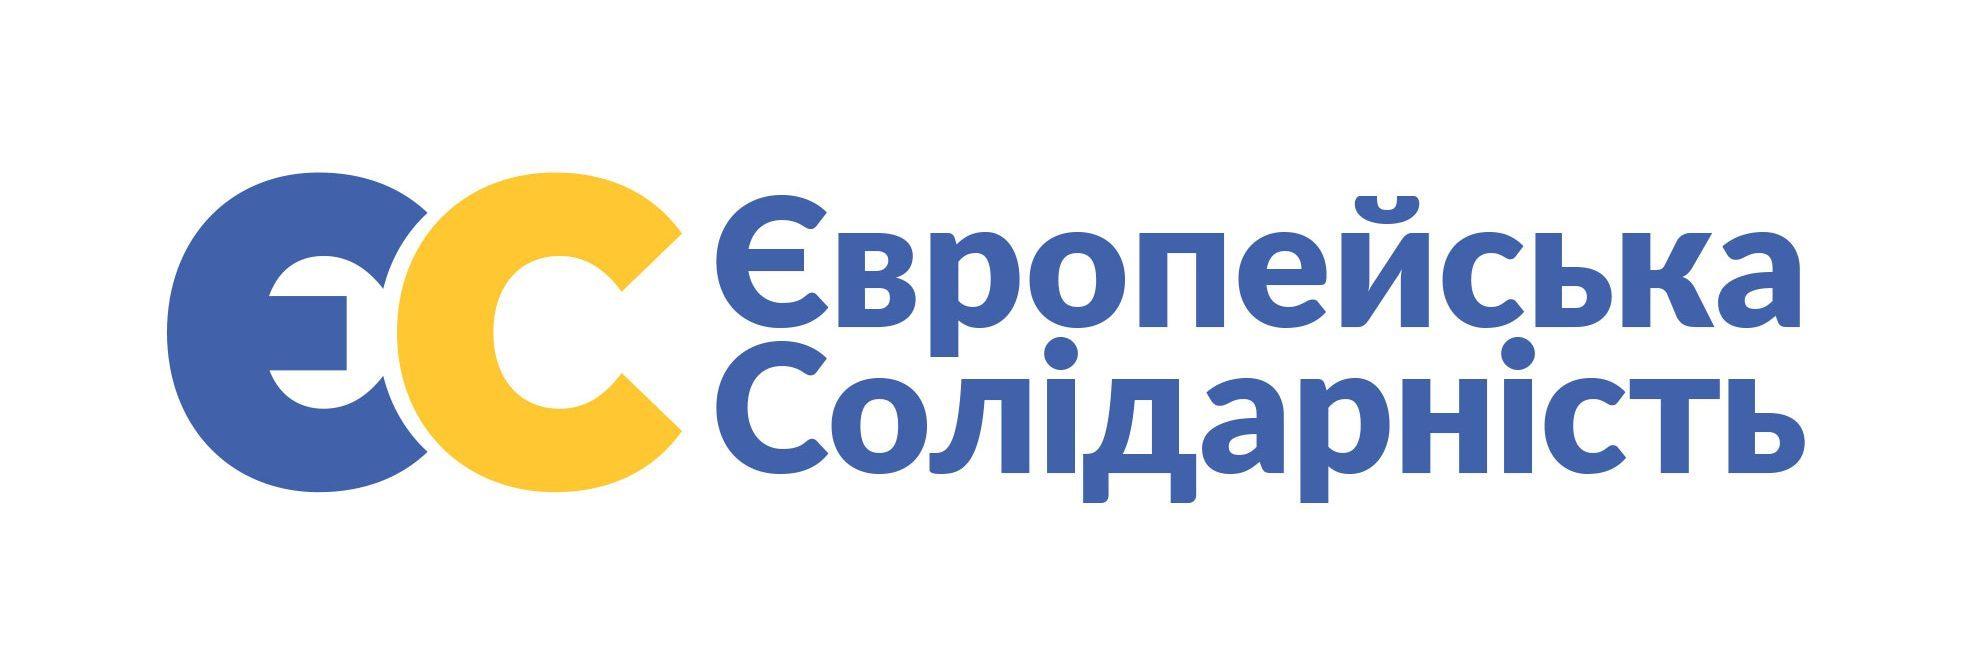 Європейська Солідарність – Тернопільська територіальна організація